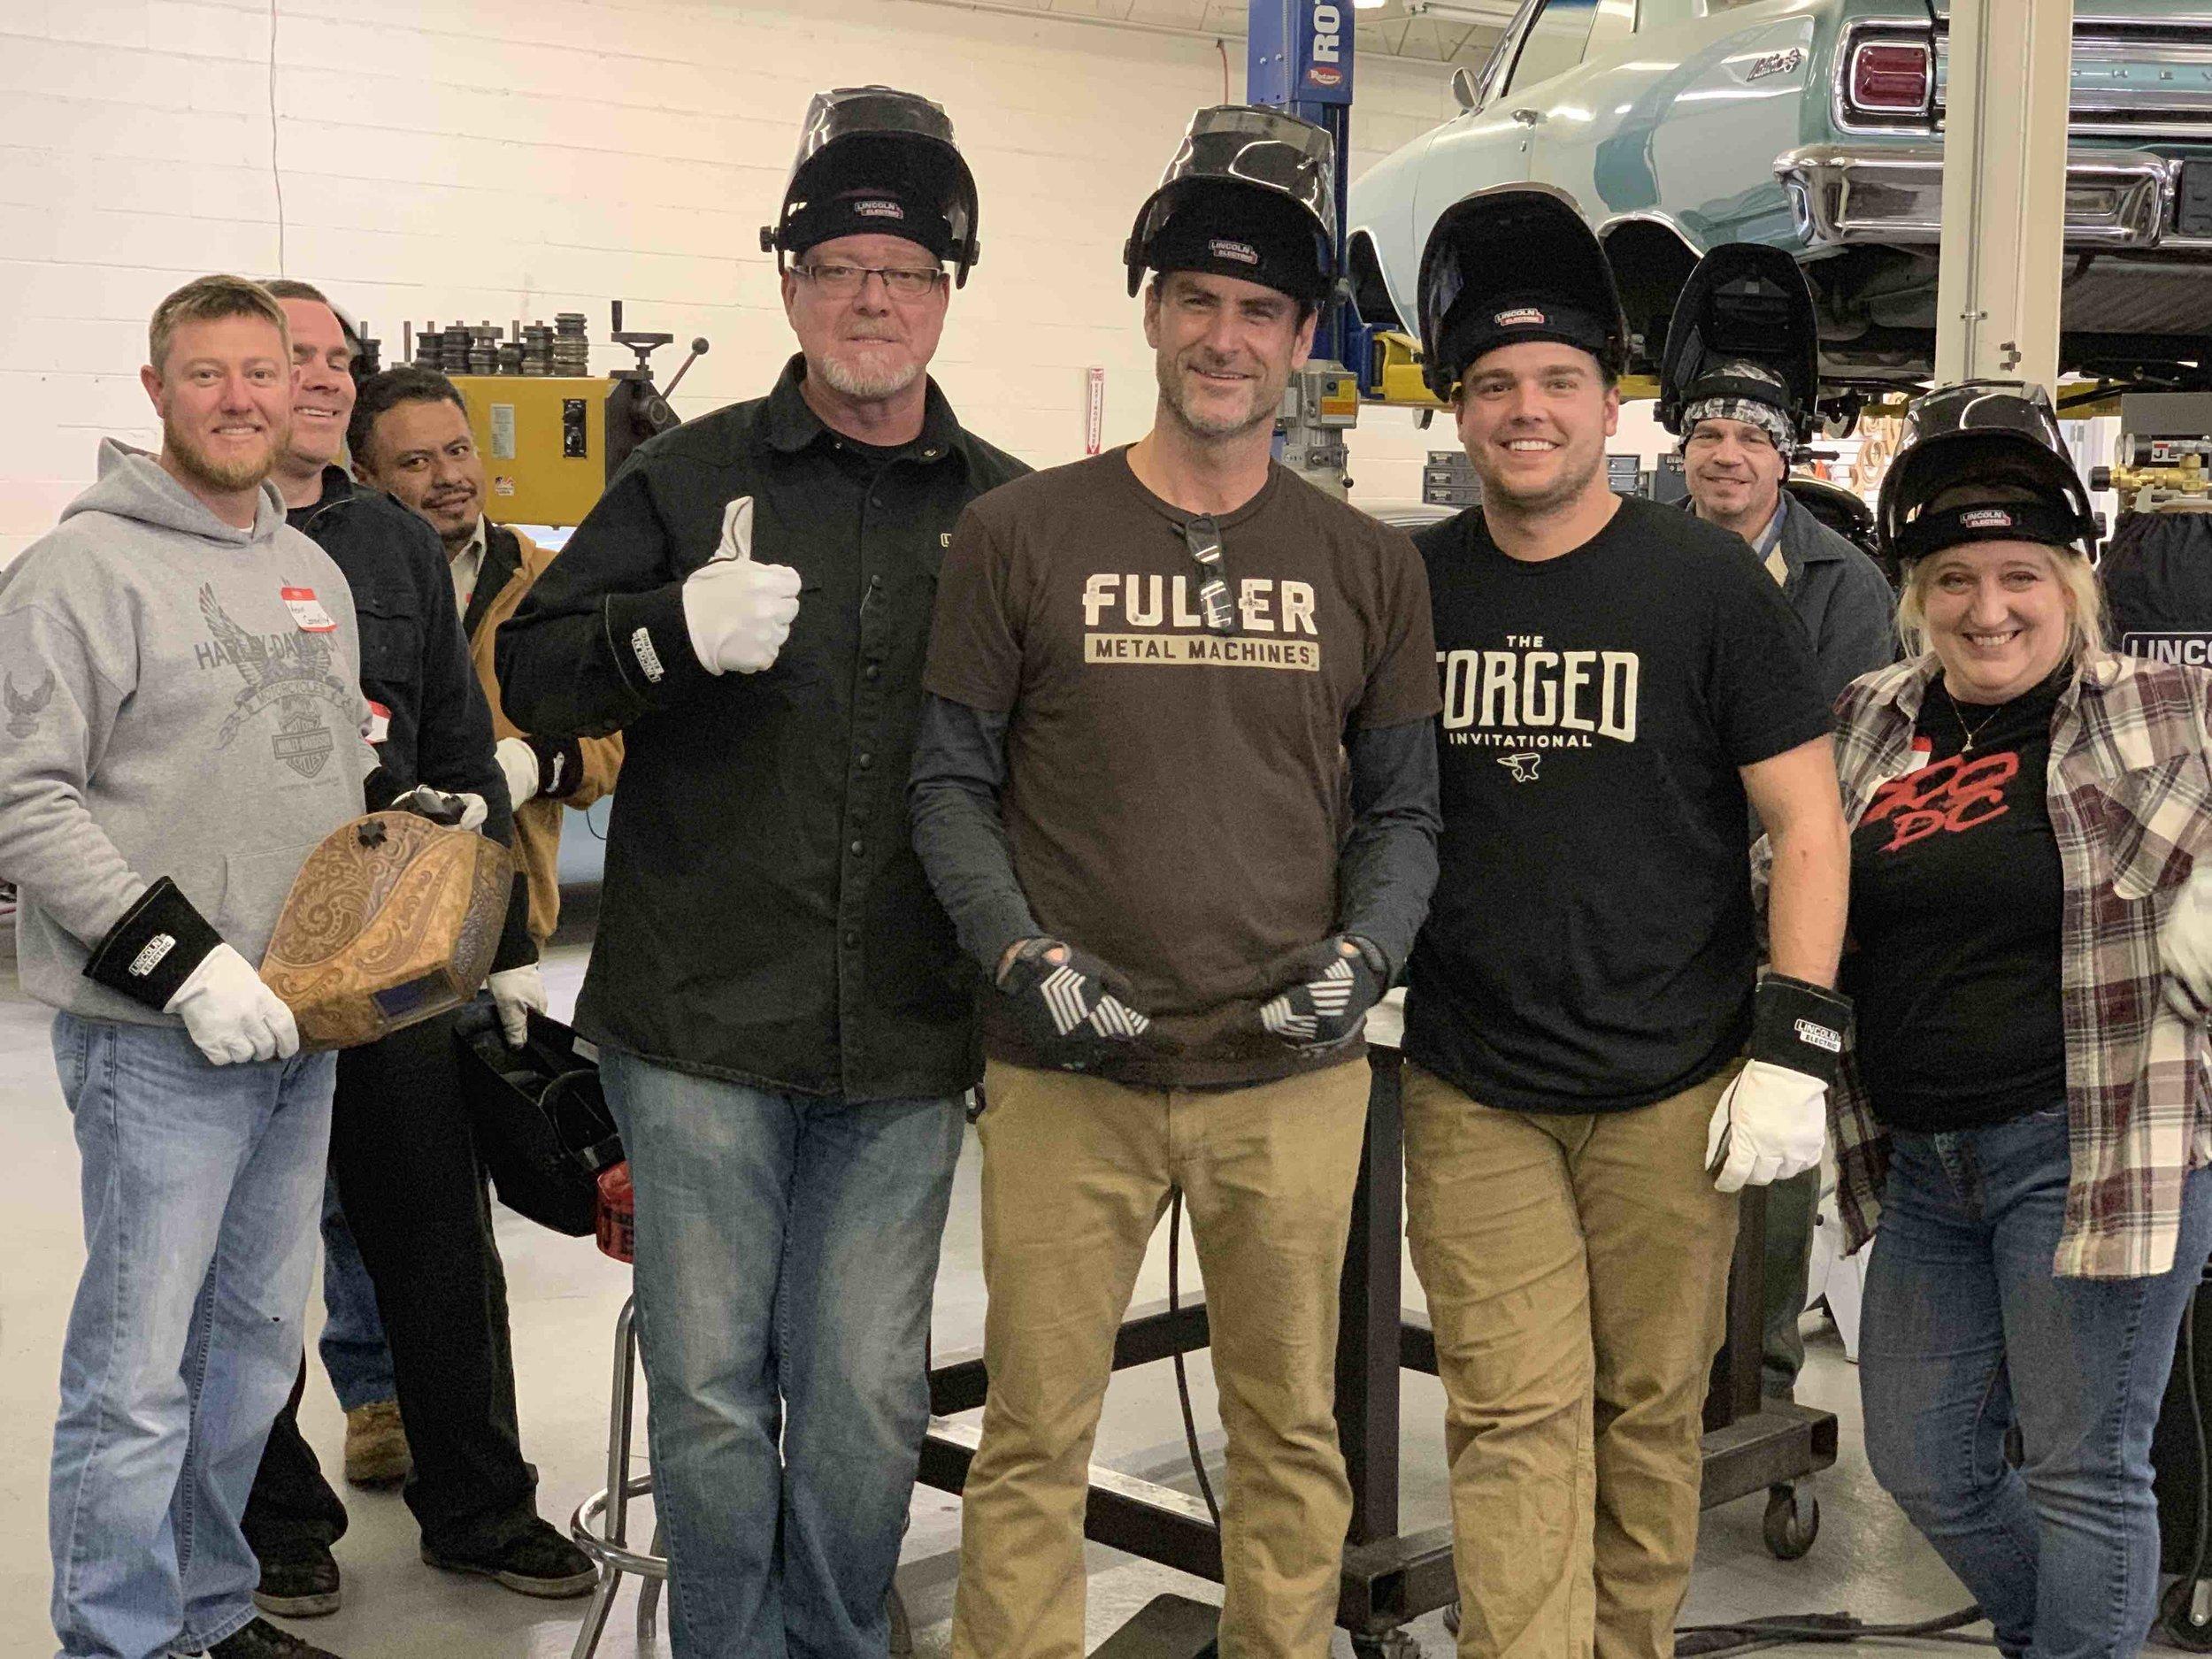 Fuller-Moto-Welding-Workshop-Jan2019-9.jpg